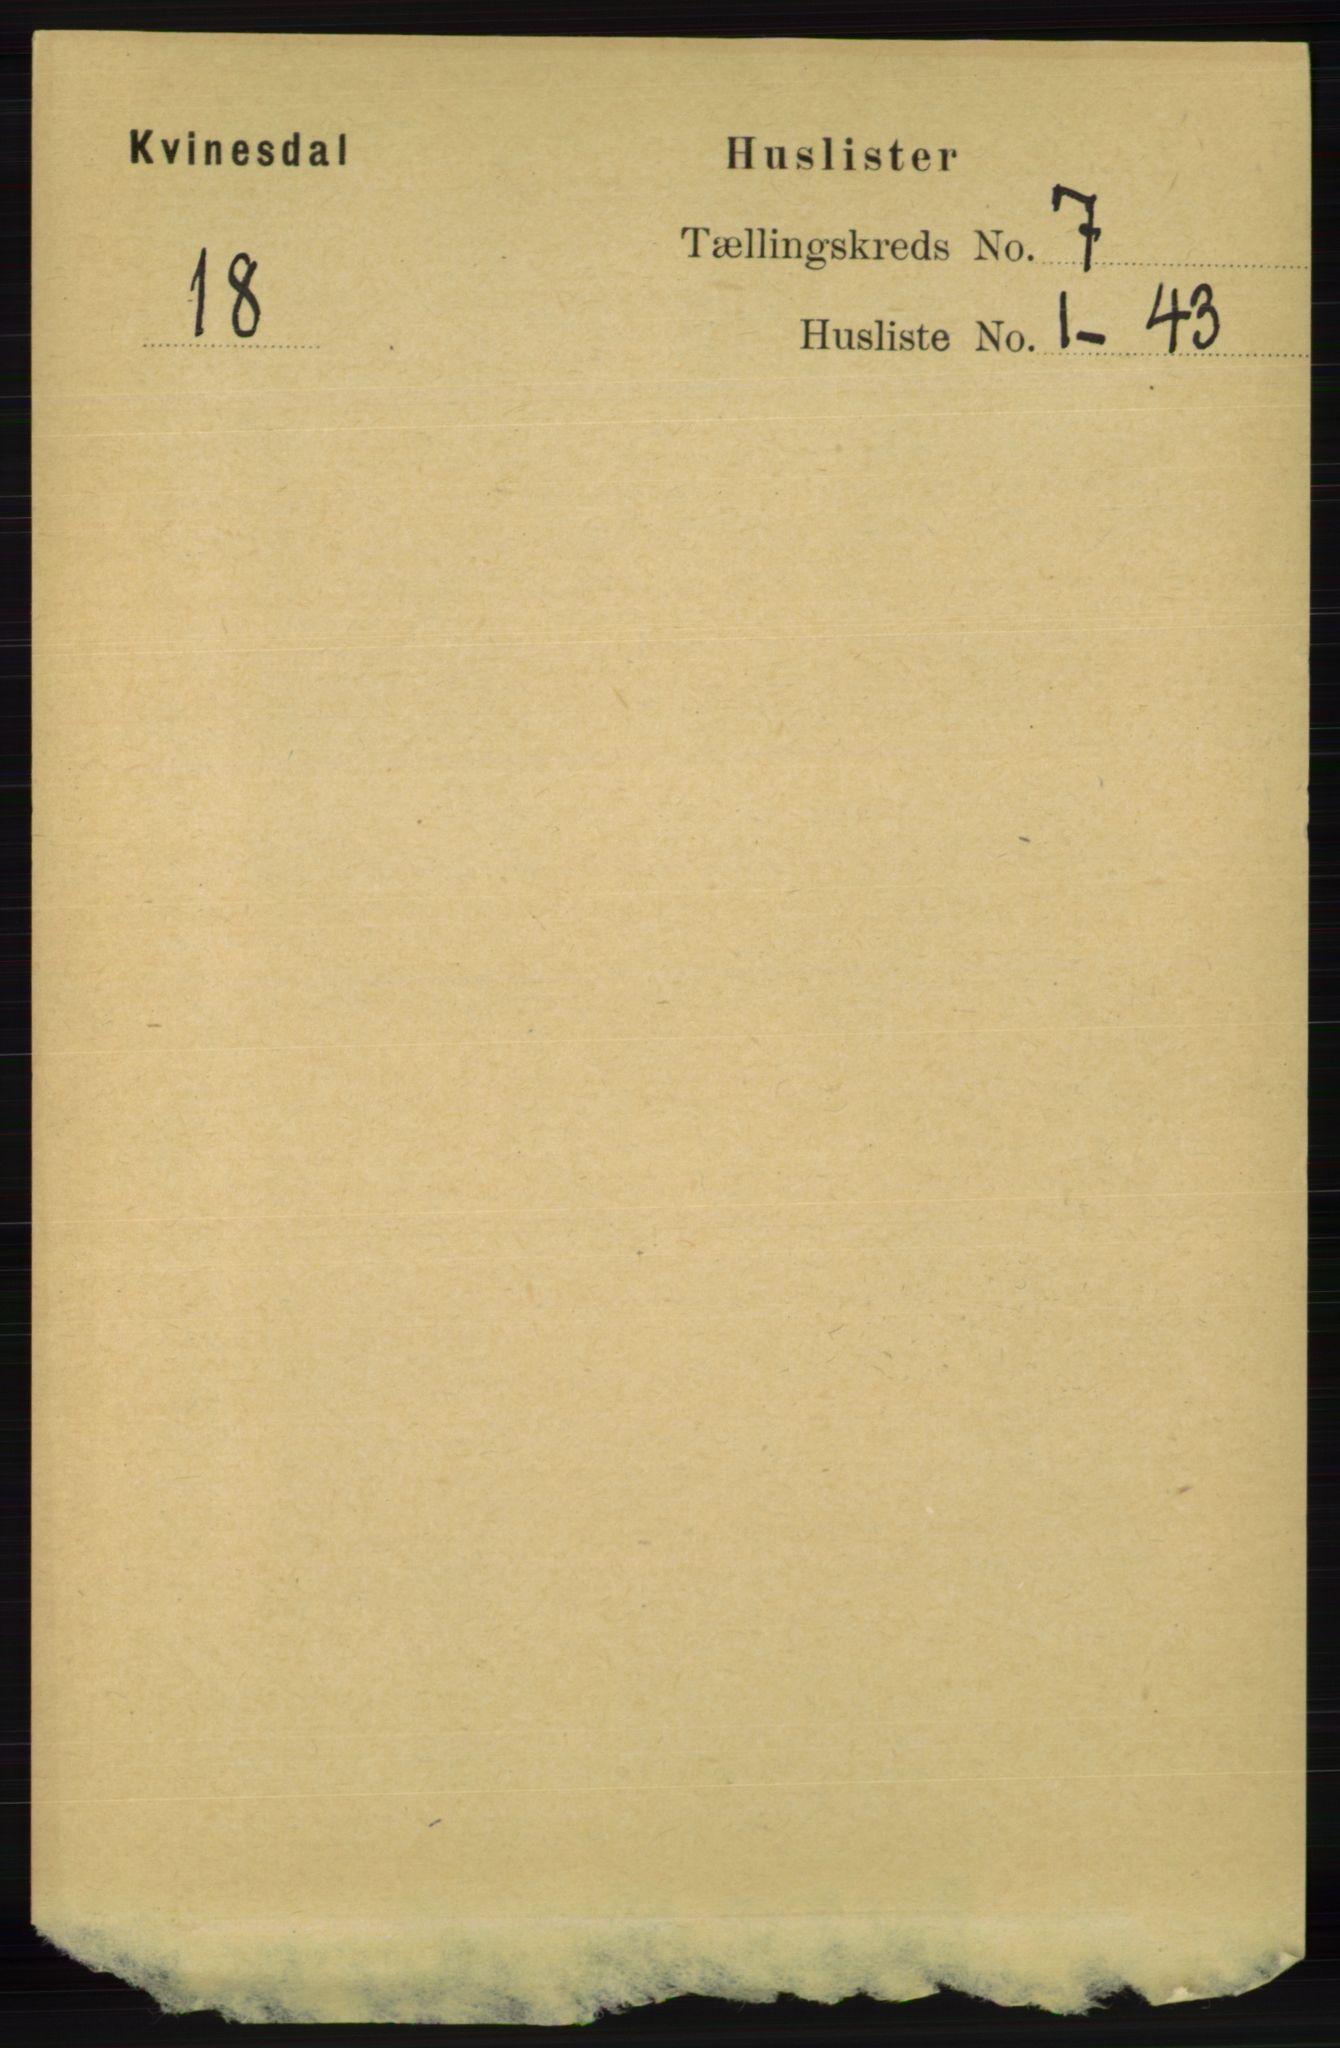 RA, Folketelling 1891 for 1037 Kvinesdal herred, 1891, s. 2375